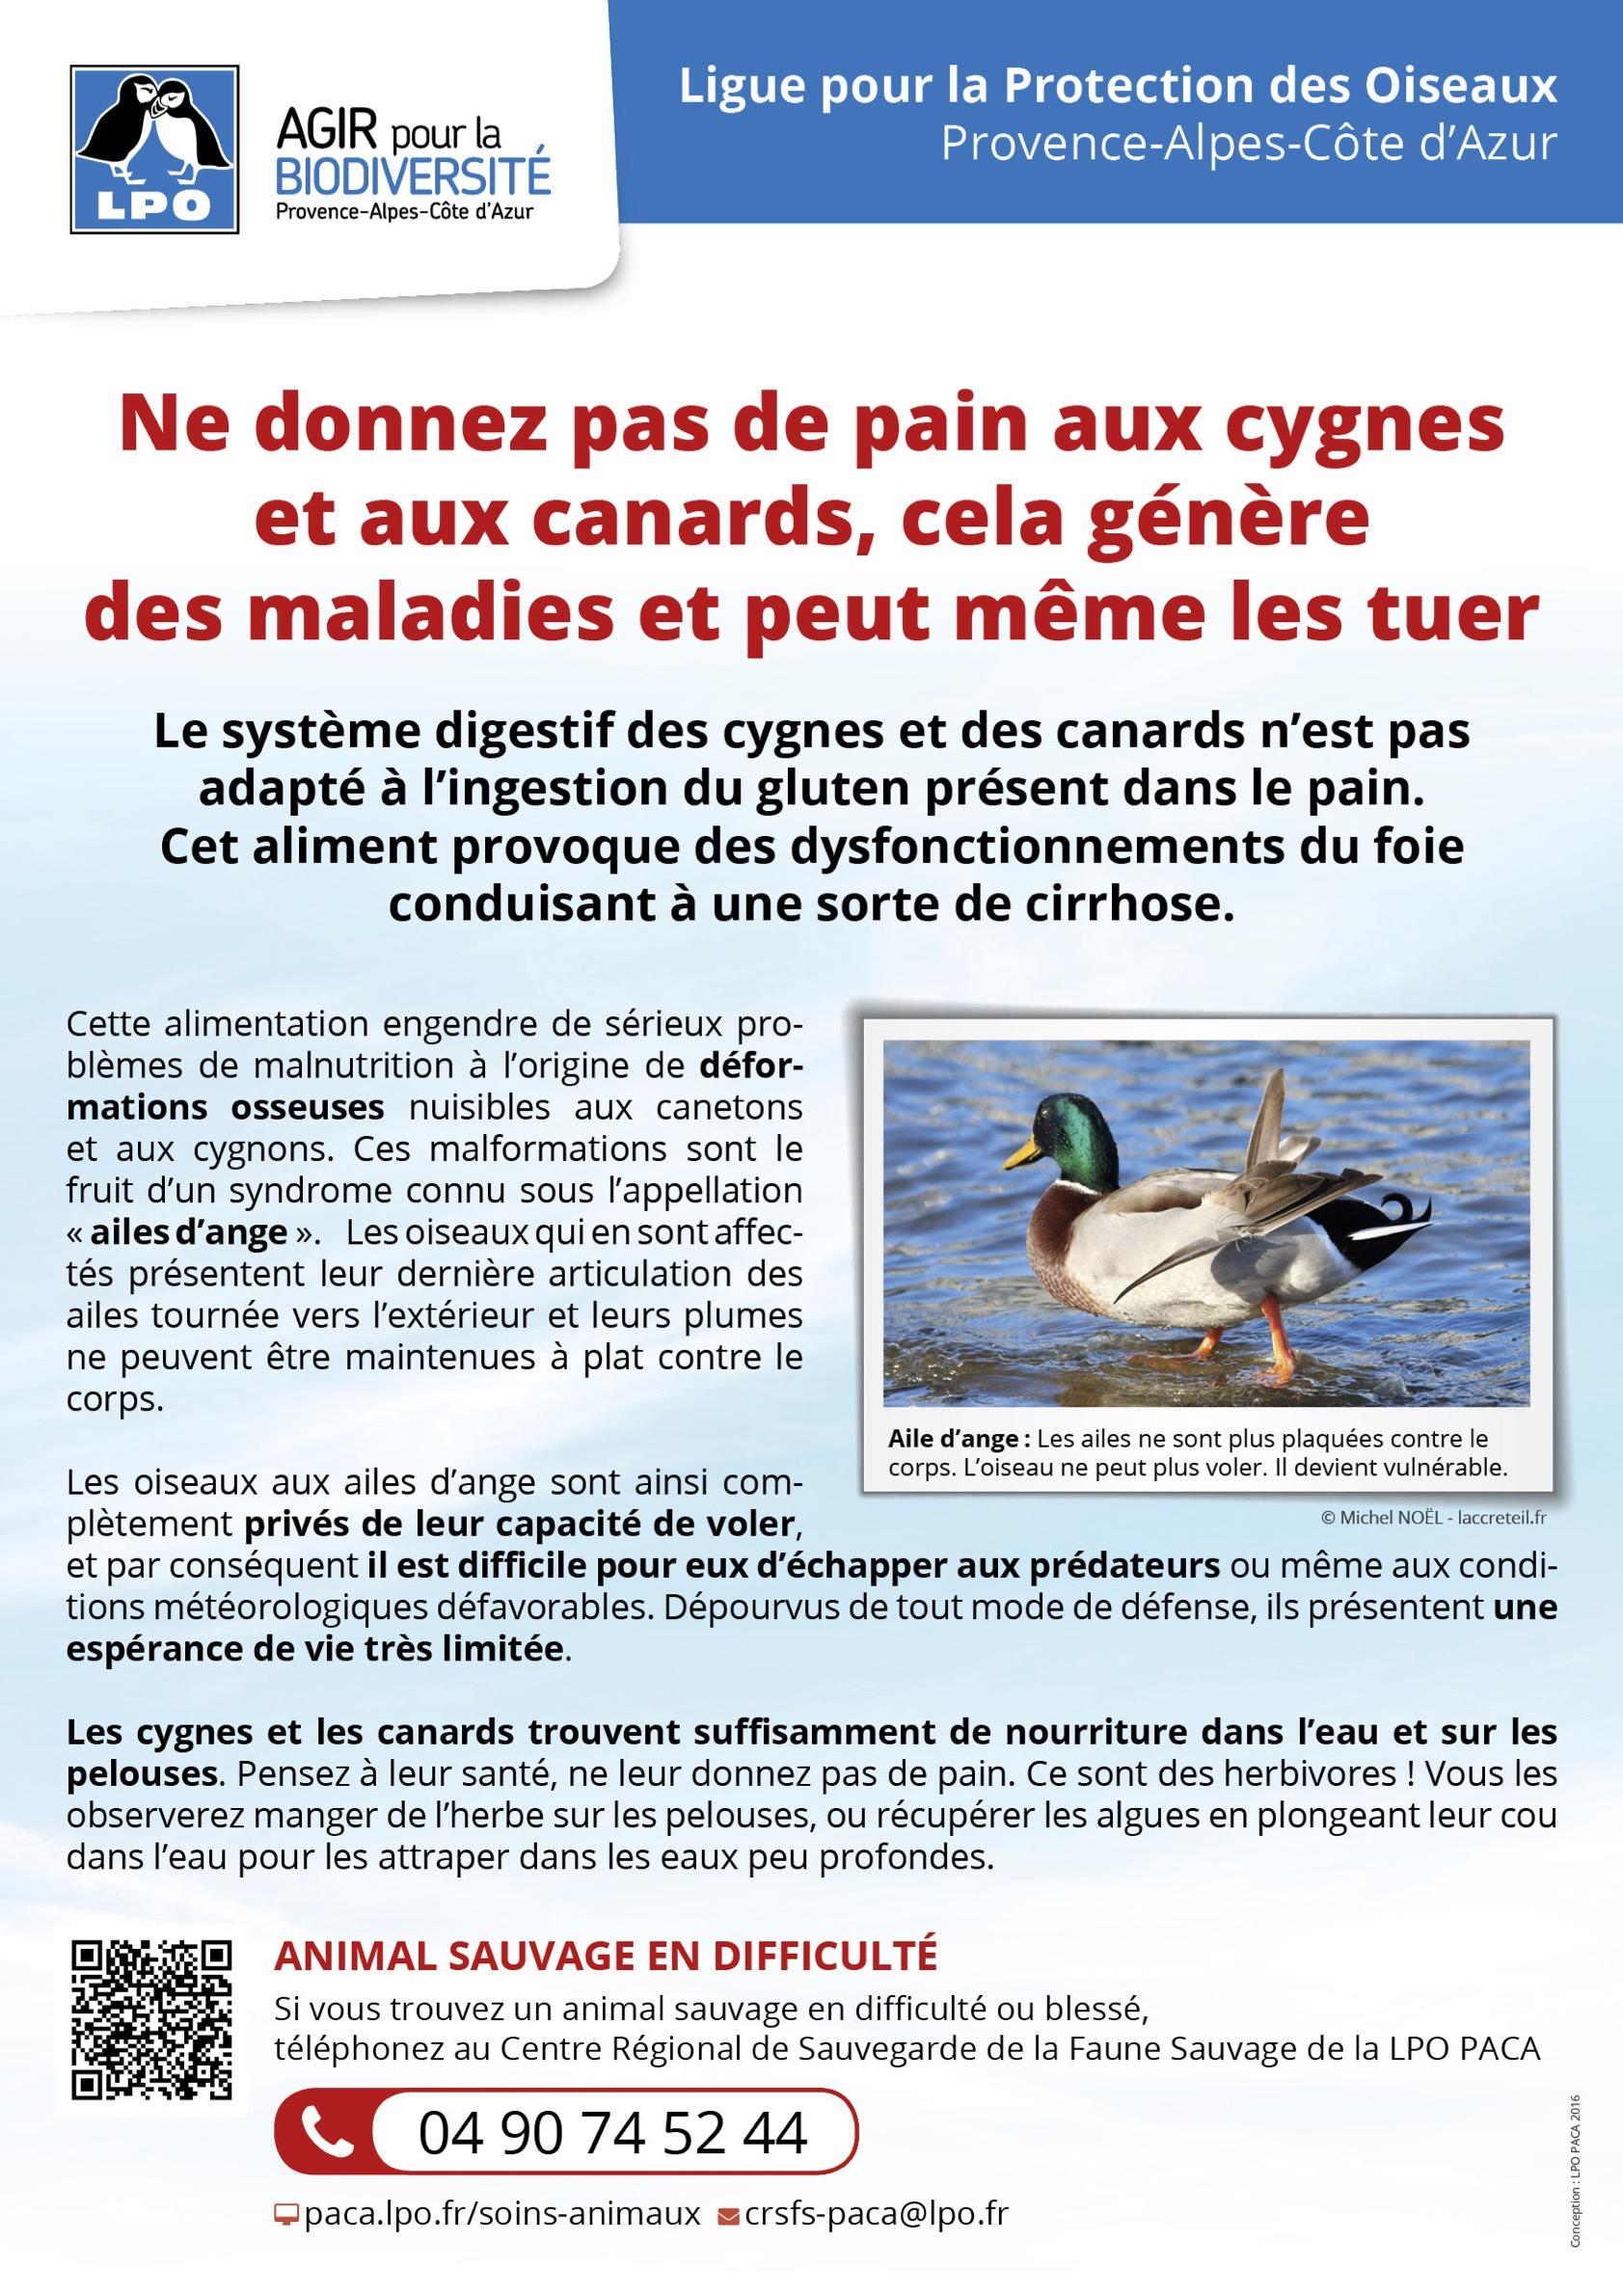 Affiche sur les DANGERS du PAIN - LPO Provence-Alpes-Côte d'Azur